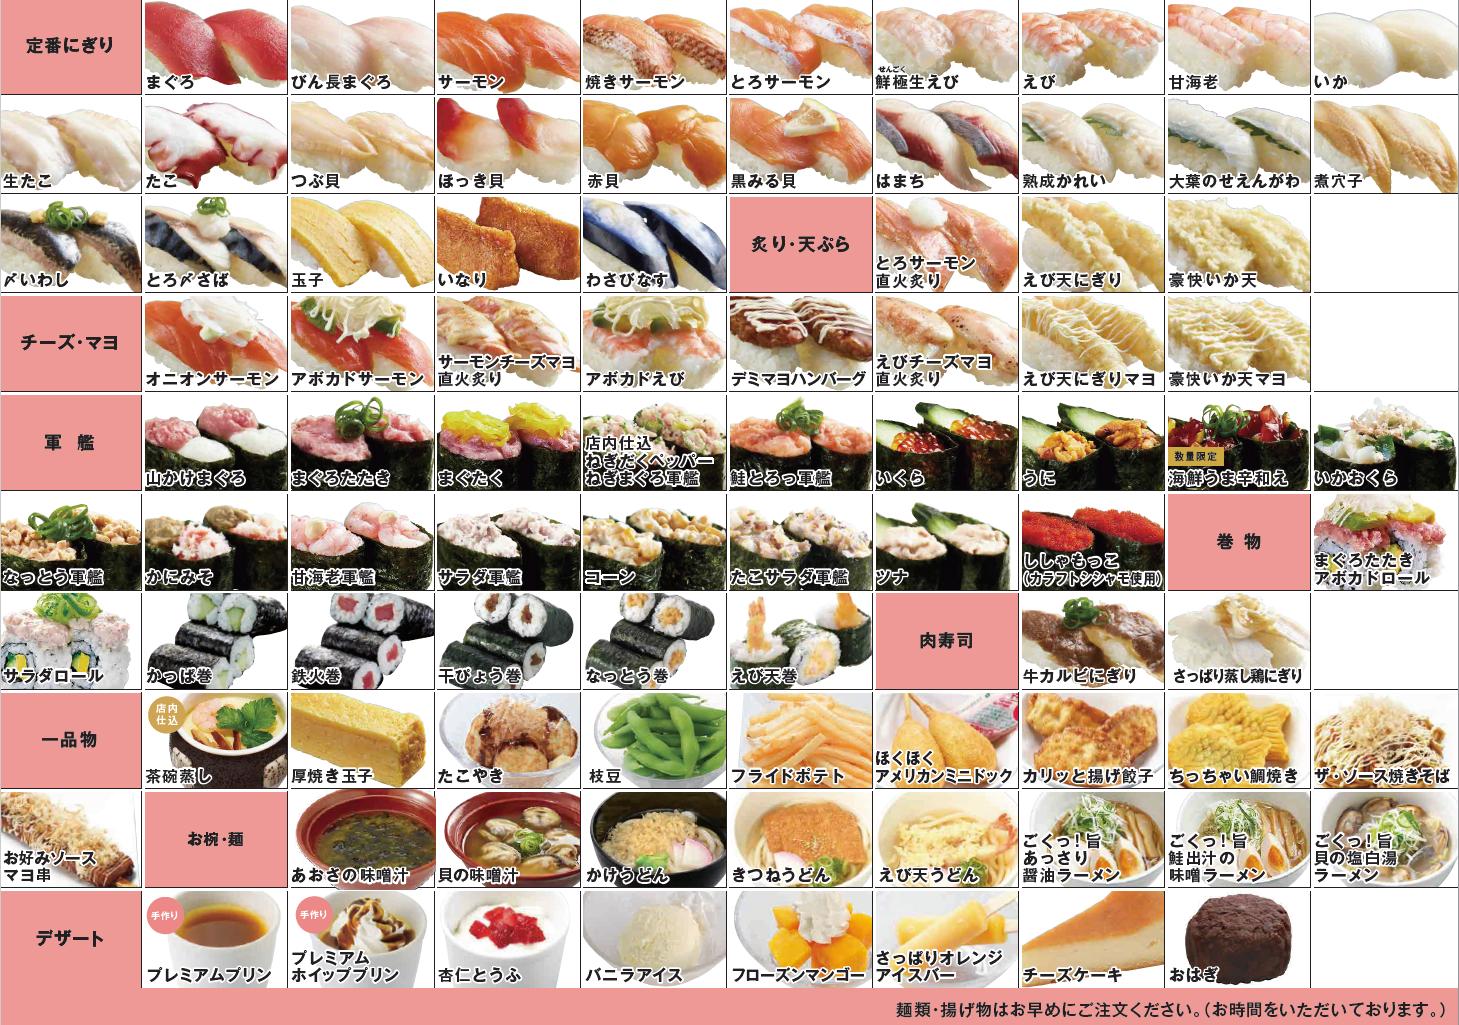 170811_menu